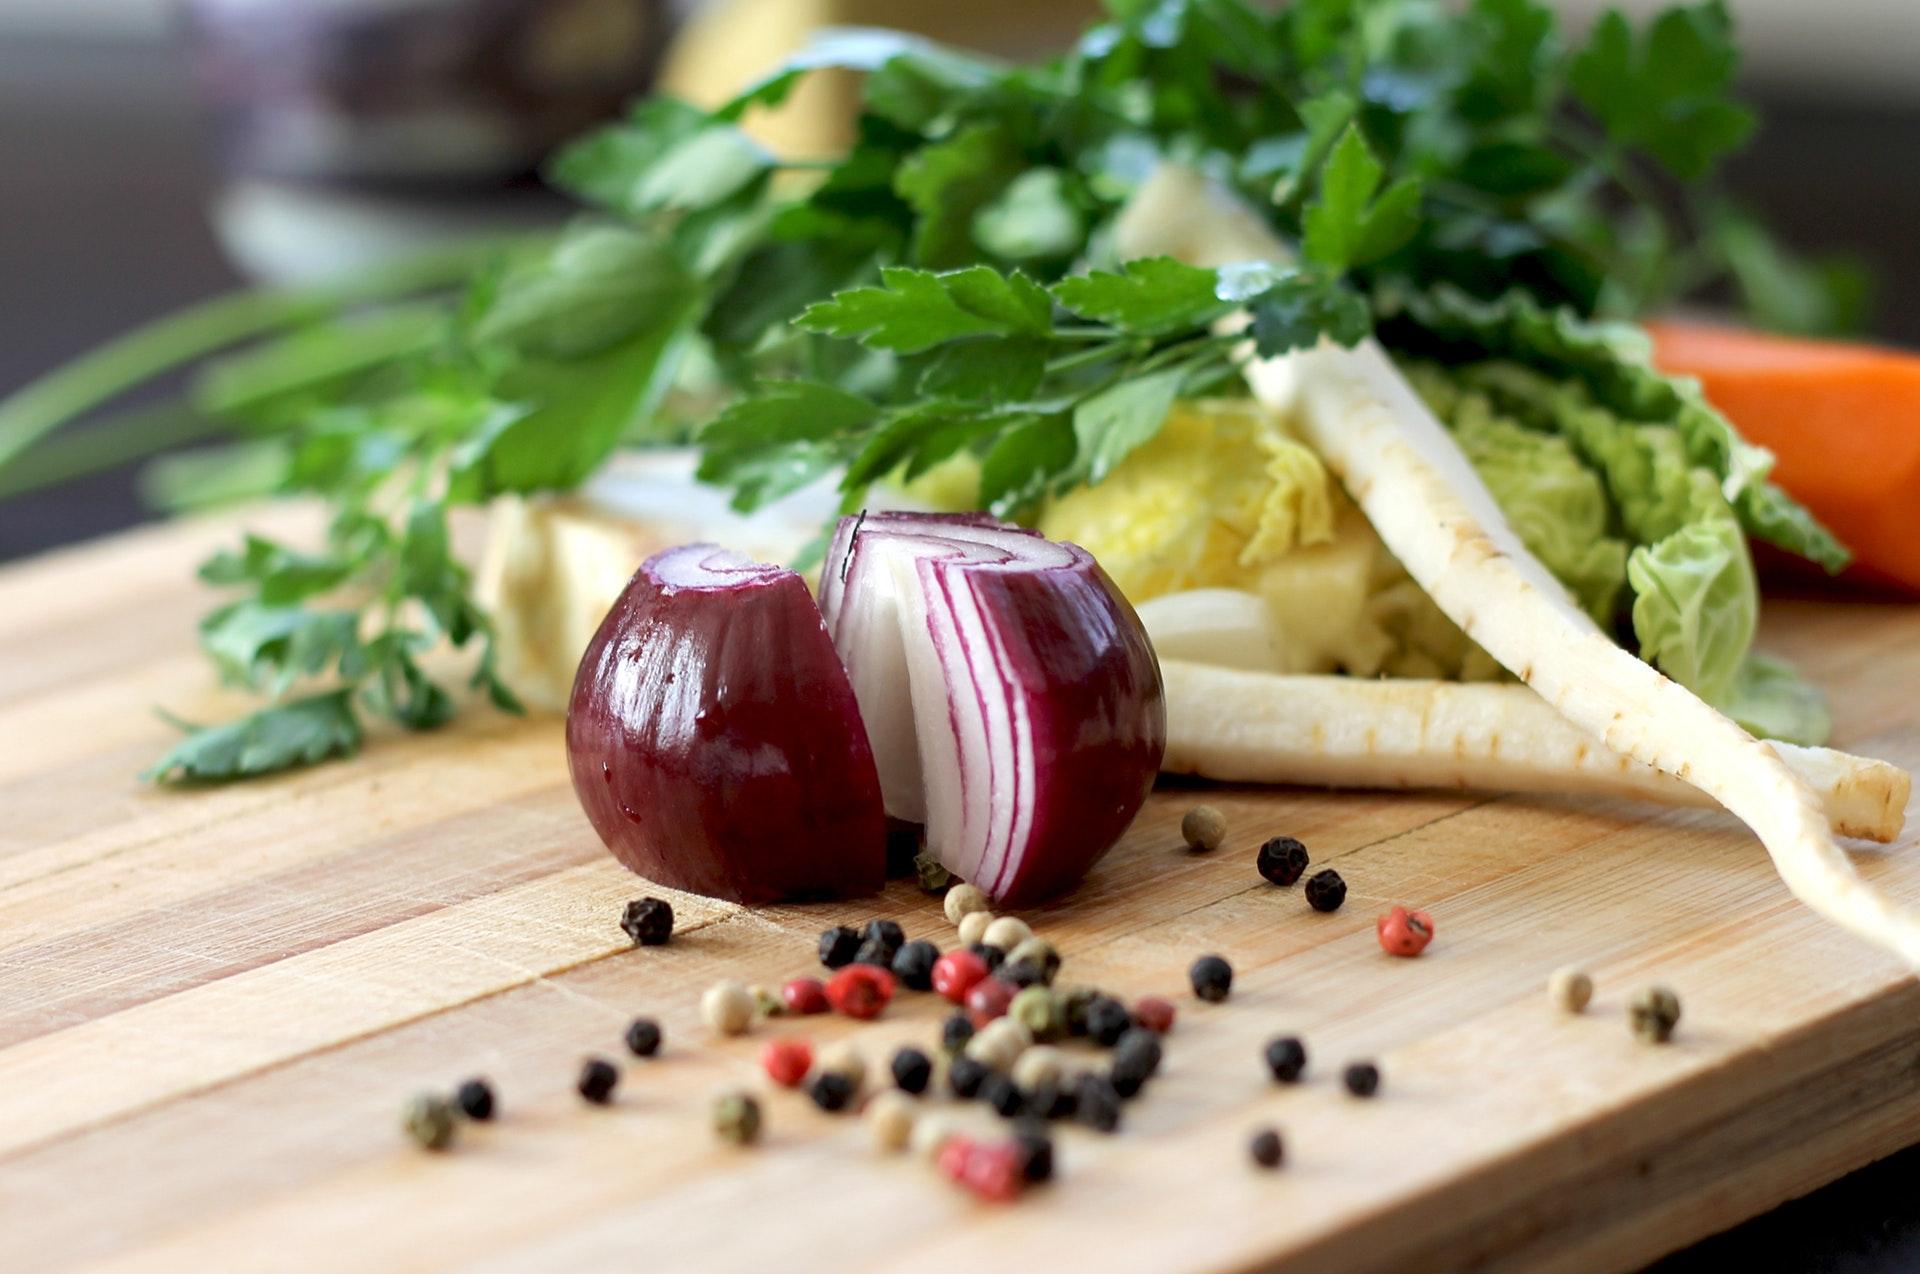 Grøntsager, sundt, mad, aftensmad, madspild, middag, løg